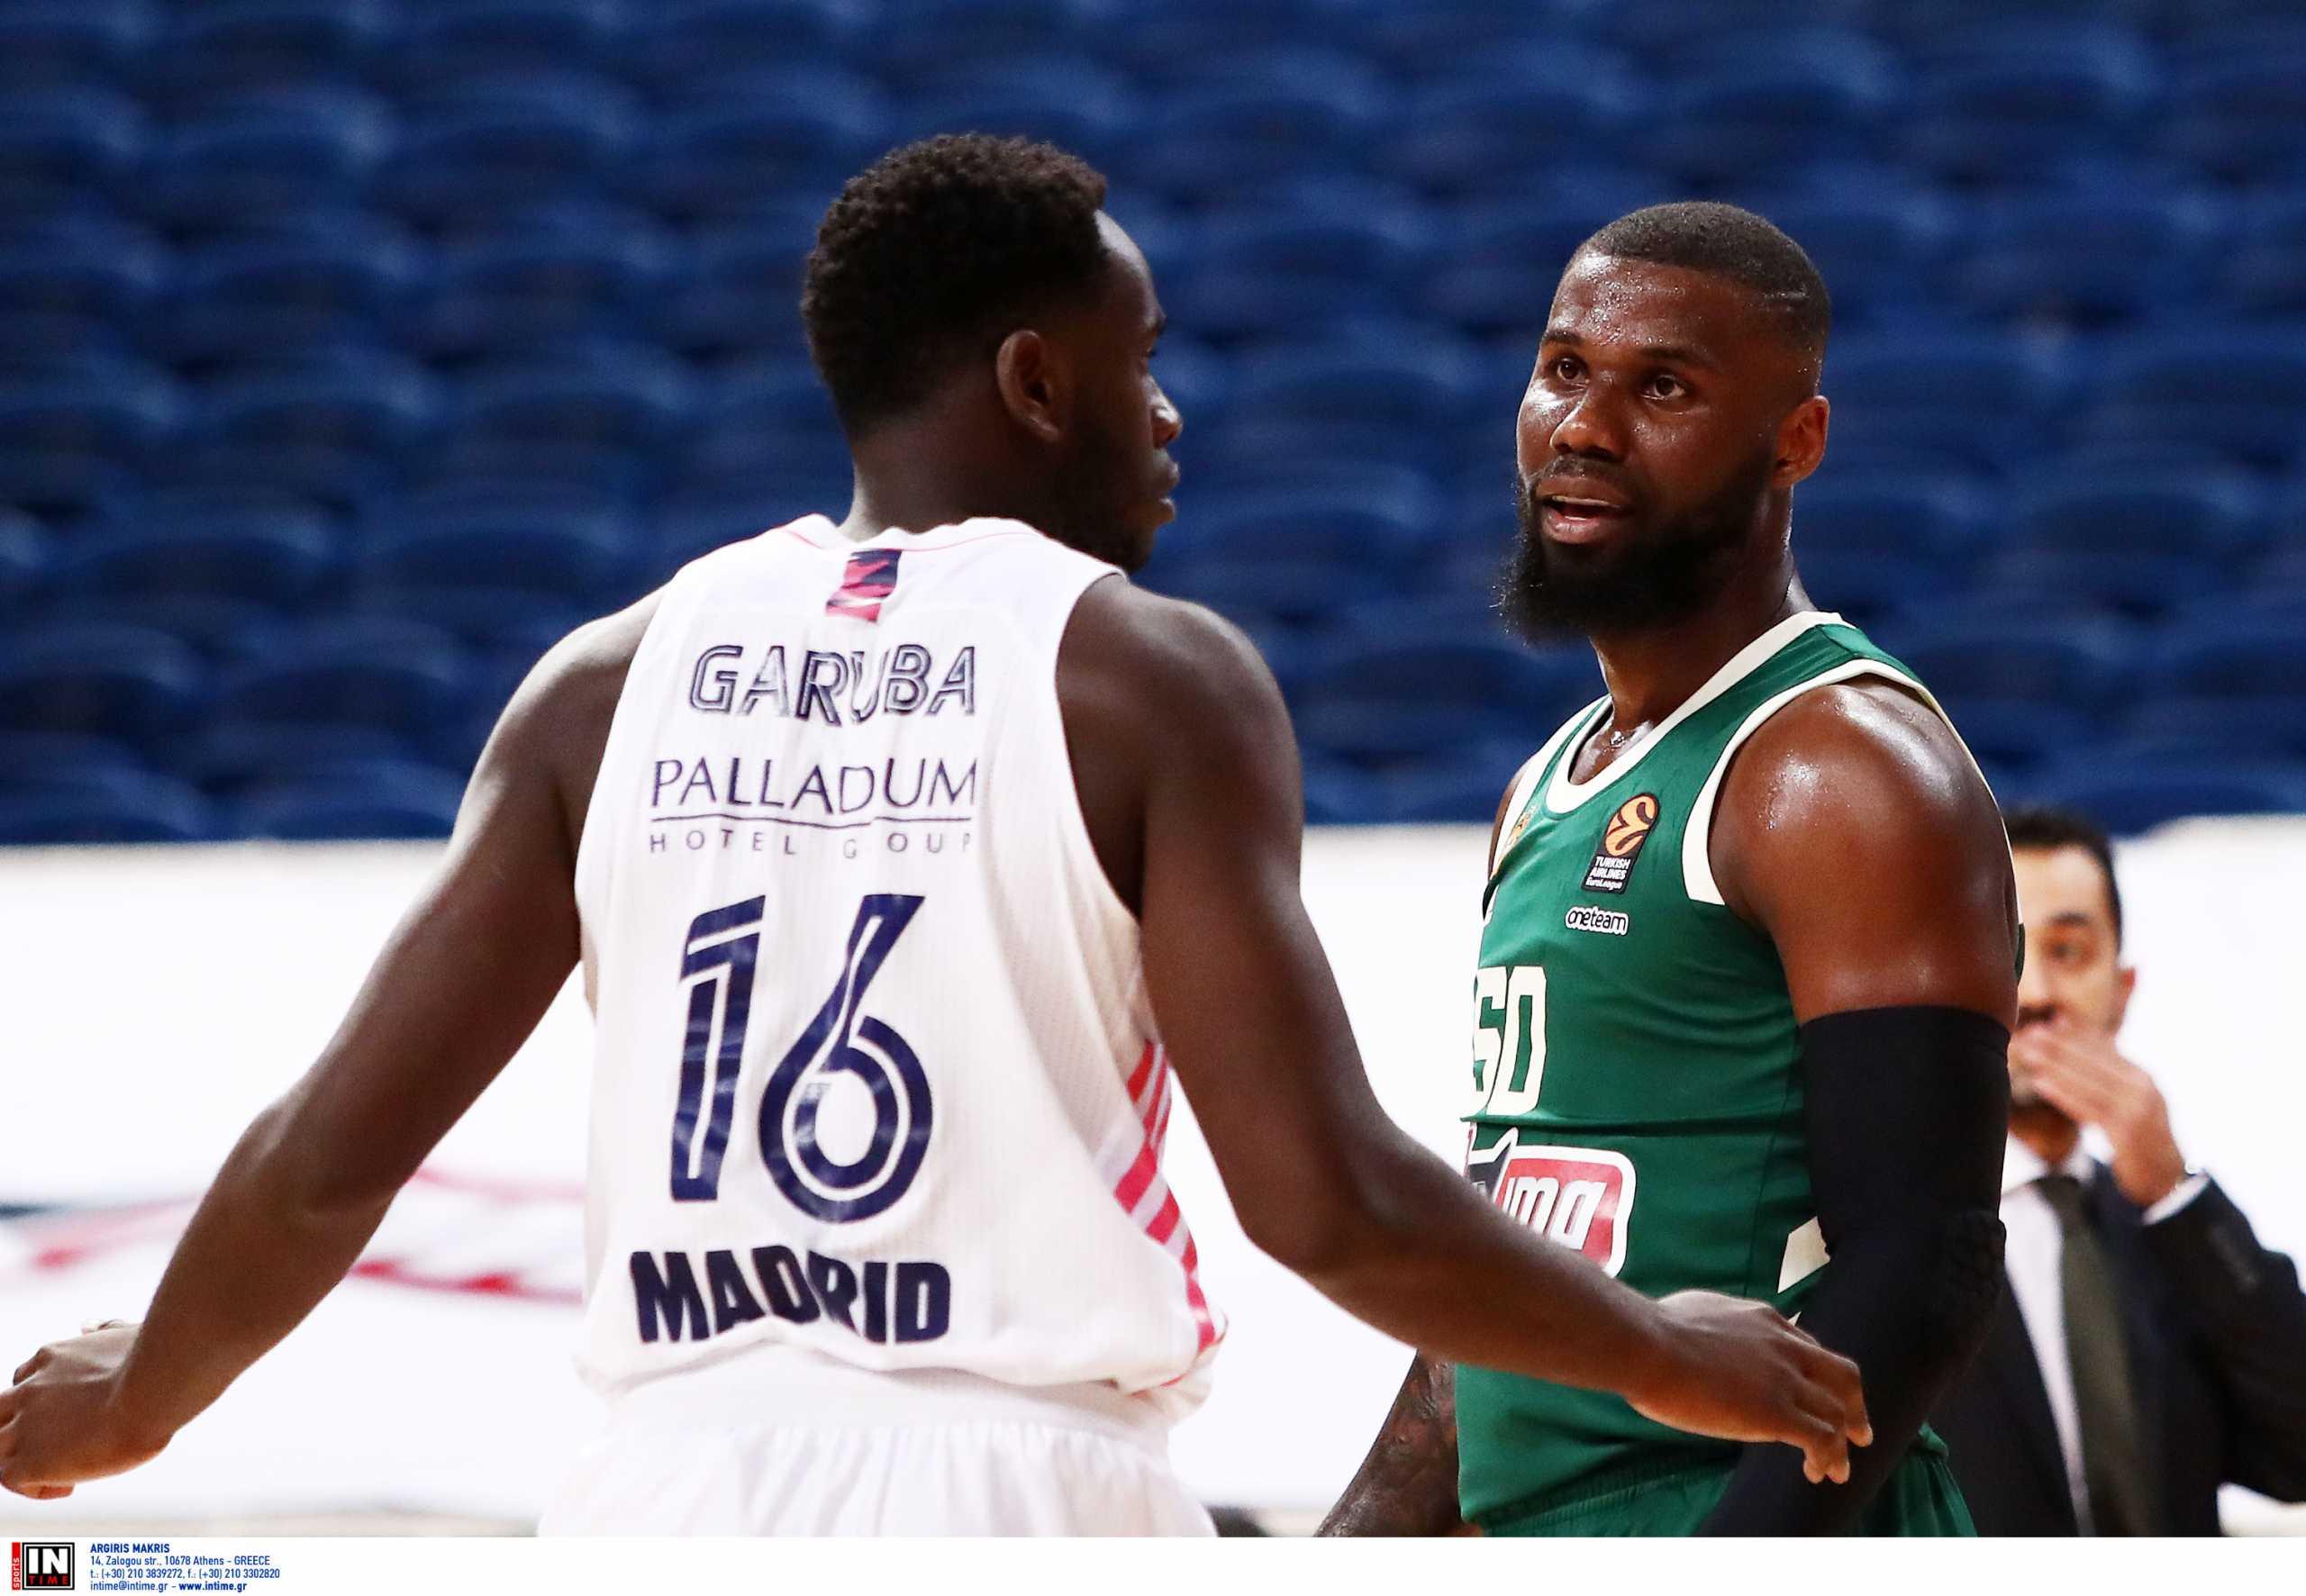 Ο Γκαρούμπα δίνει 3 εκατομμύρια ευρώ στη Ρεάλ Μαδρίτης για να συνεχίσει στο NBA